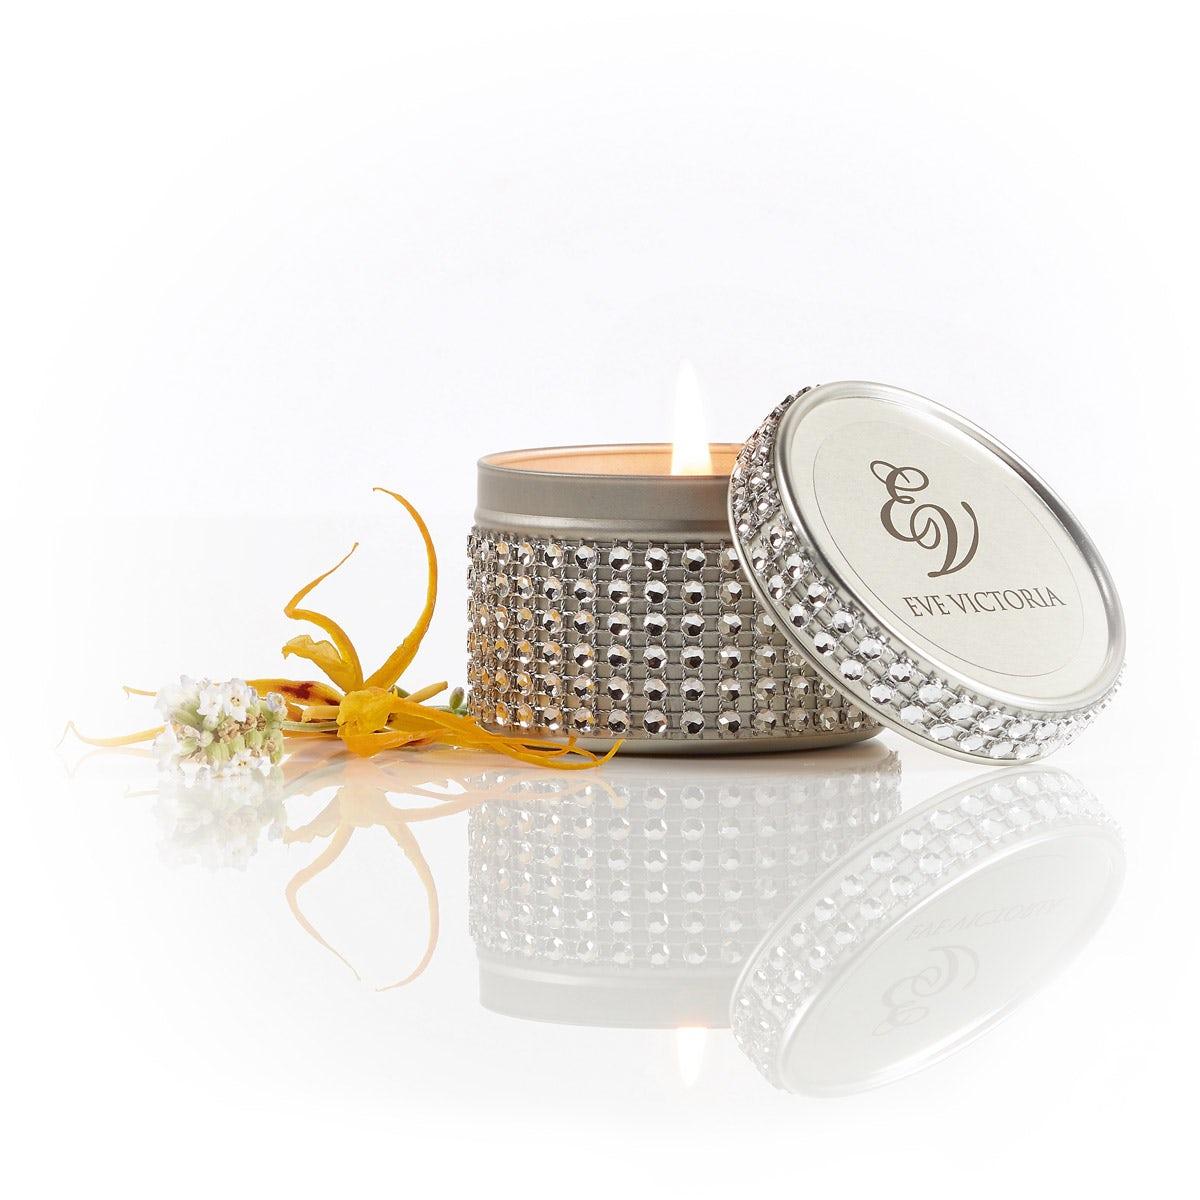 Eve Victoria Ylang ylang & lavender diamante tin